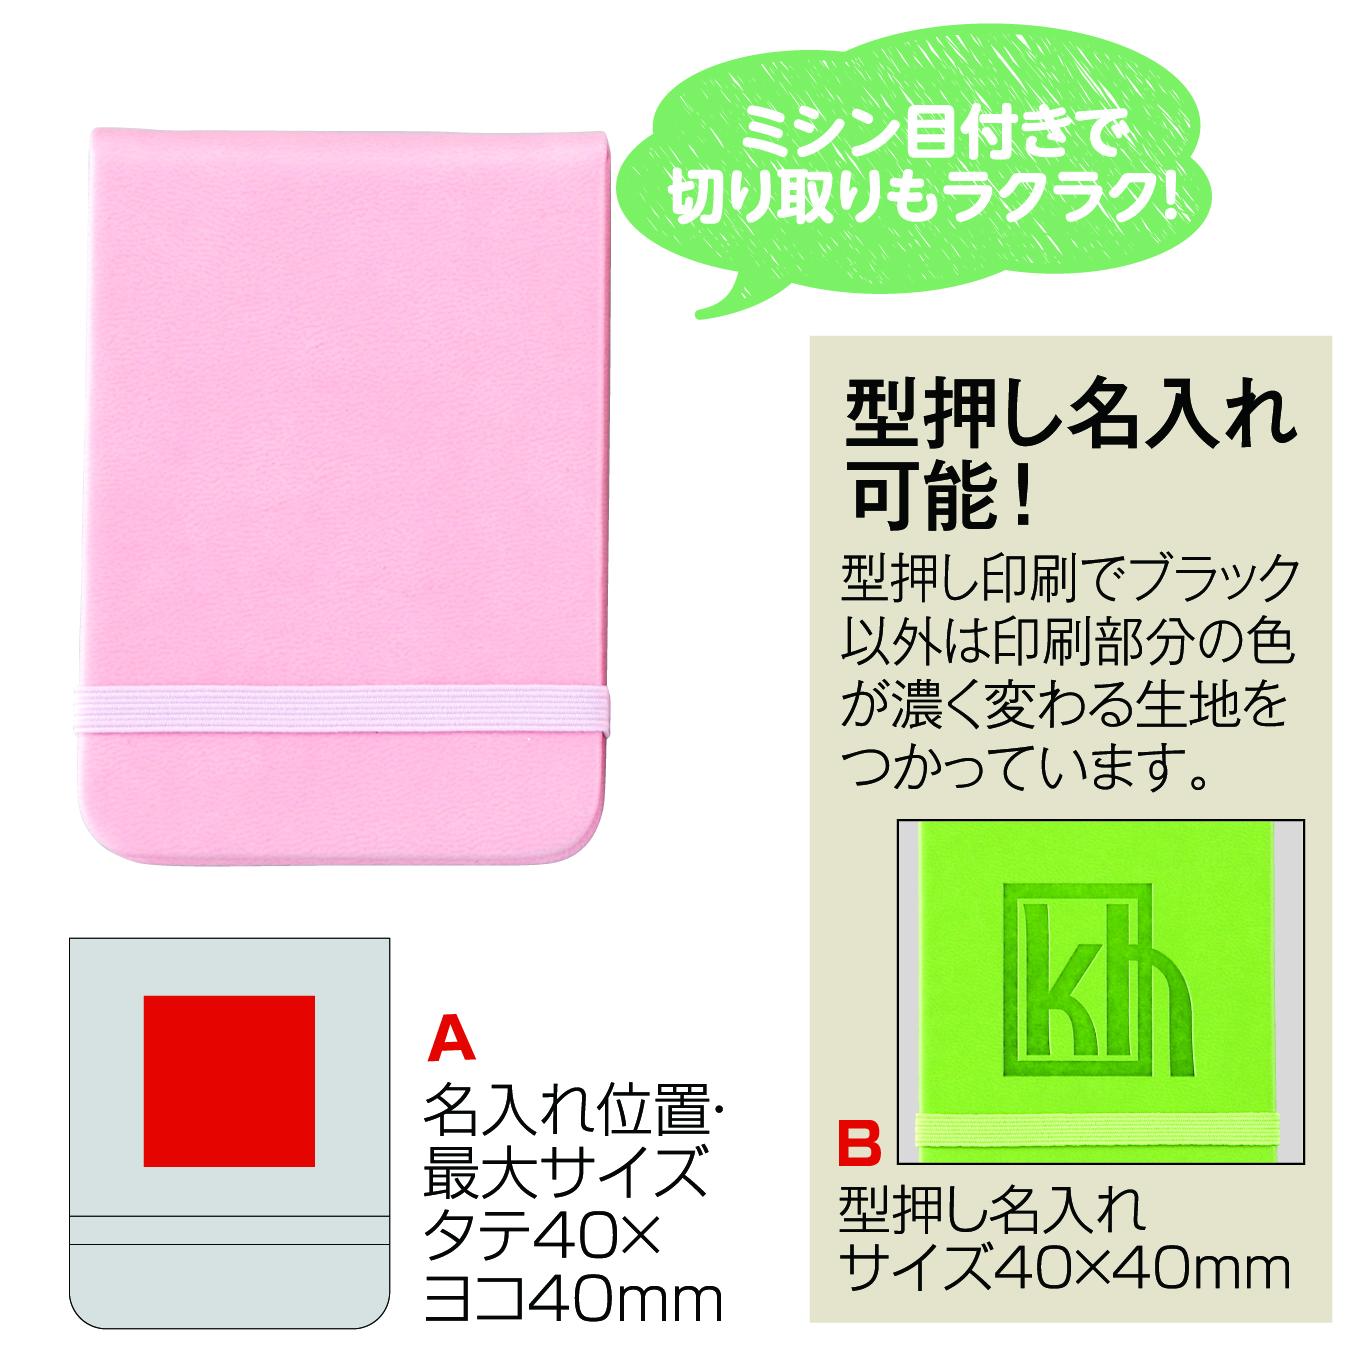 セルトナ・ハードカバーメモ帳(ピンク)